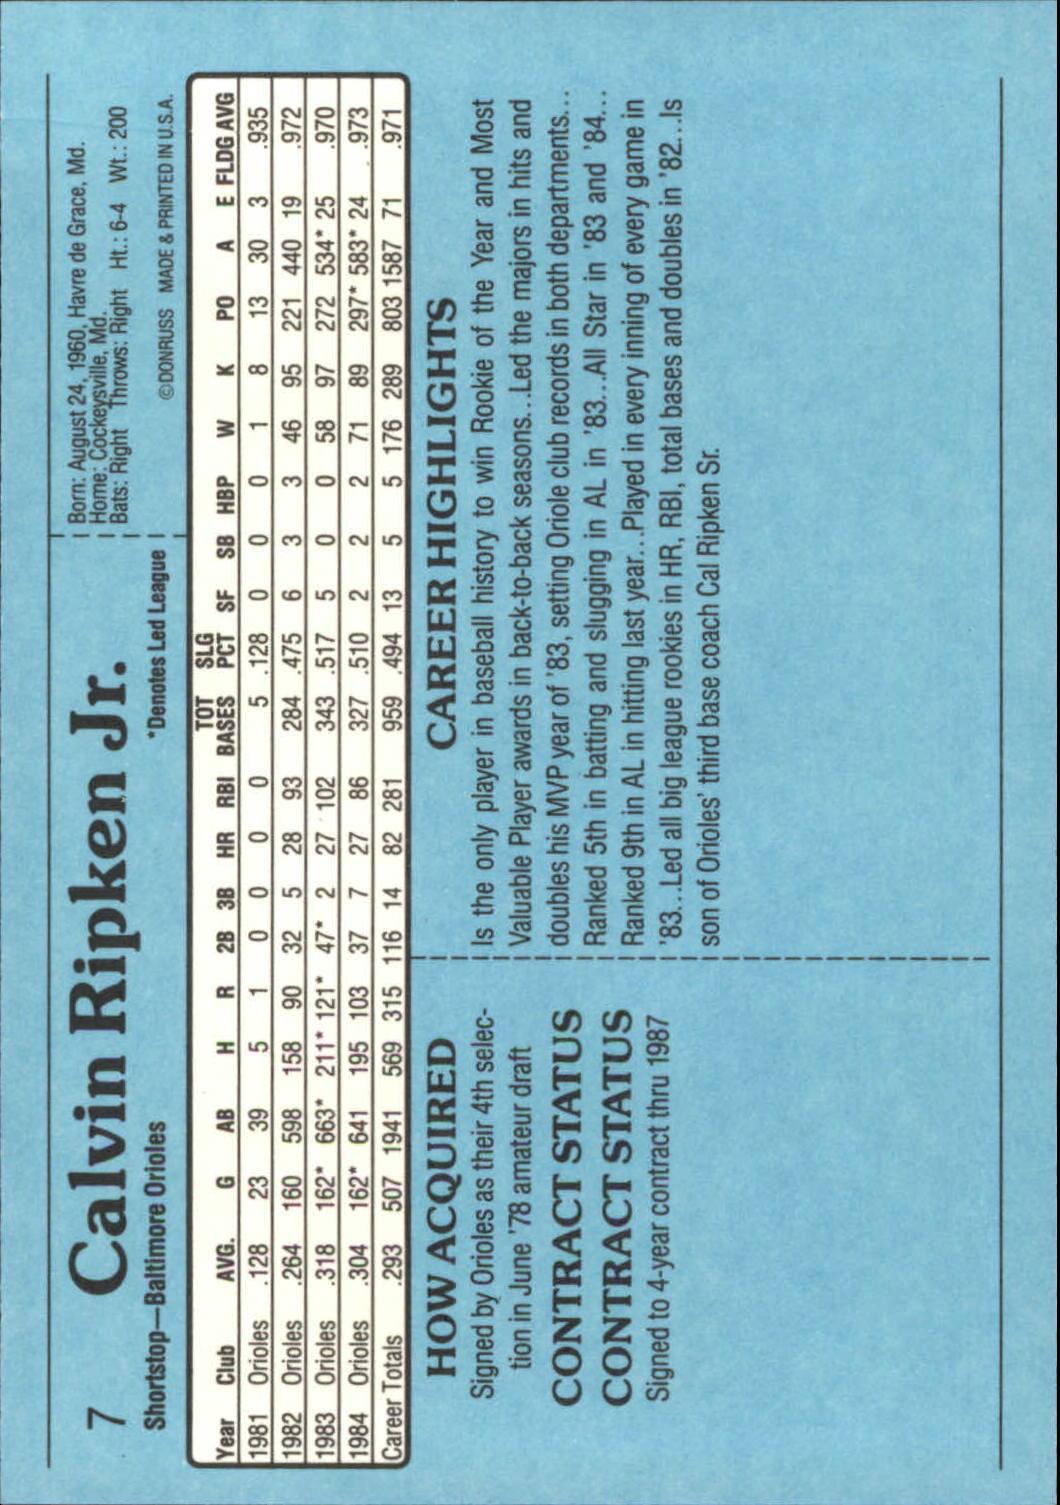 1985 Donruss Action All-Stars #7 Cal Ripken back image